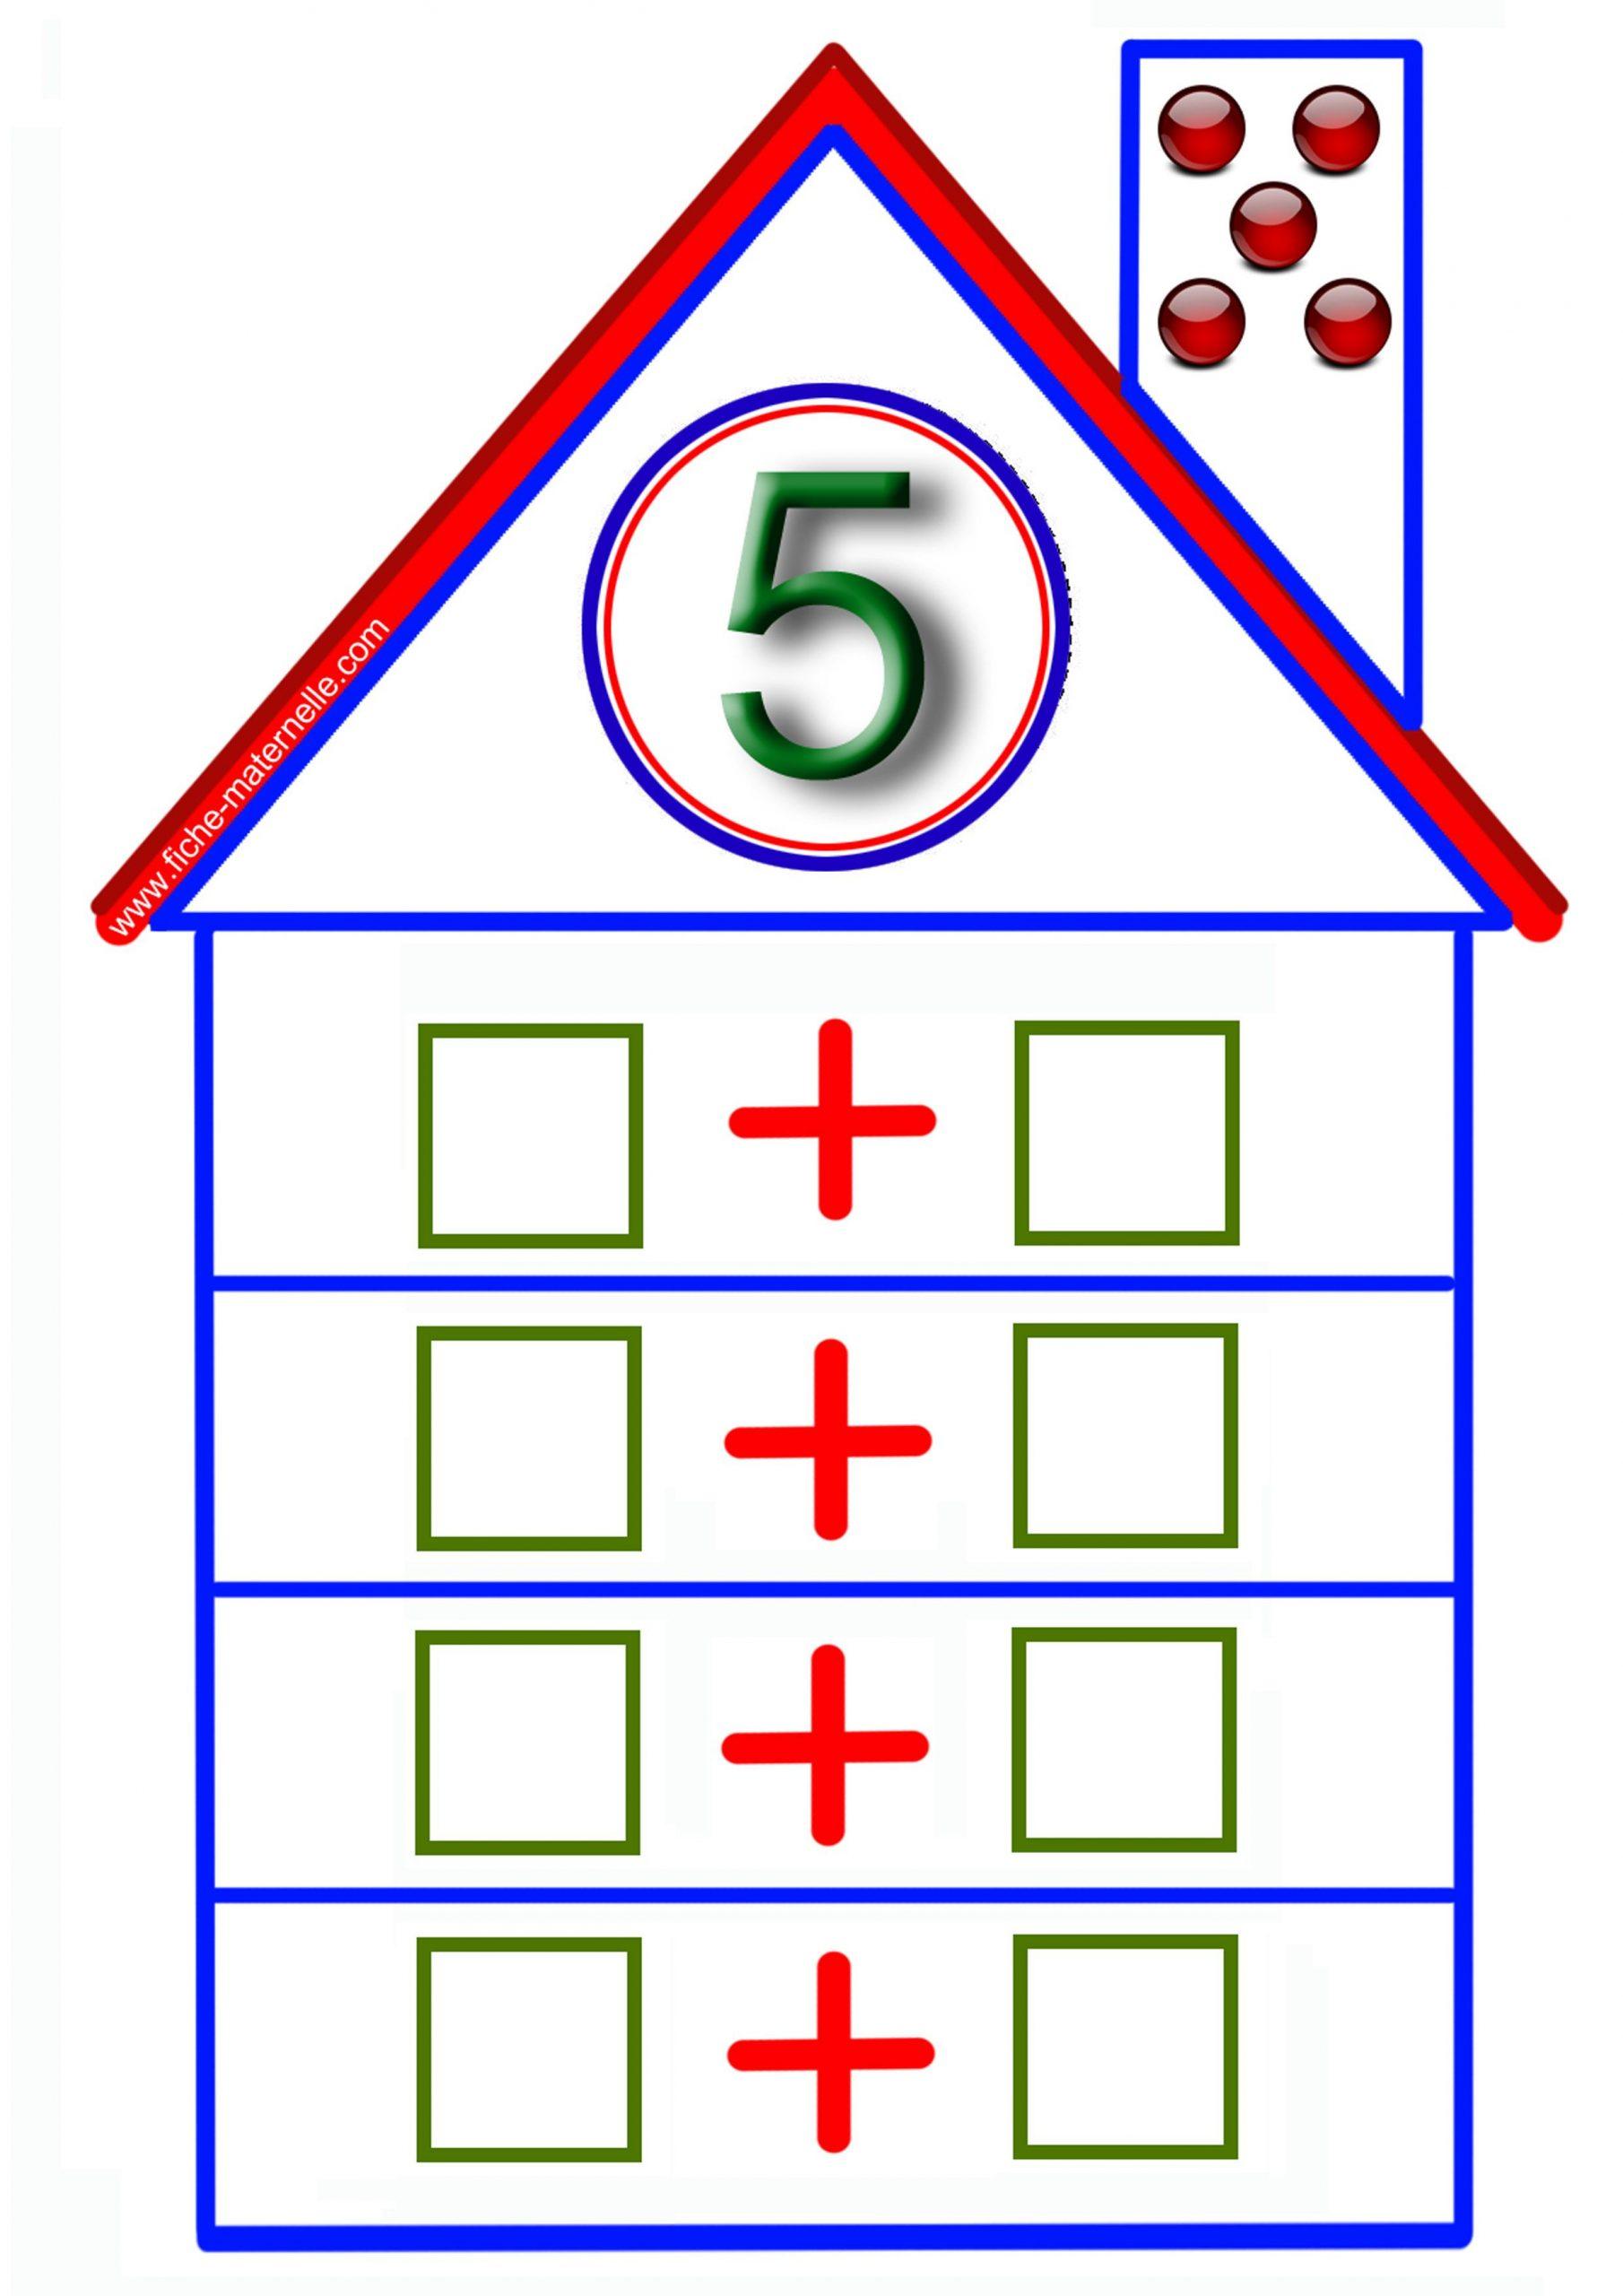 Jeux Mathématiques En Maternelle   Jeux Mathématiques dedans Jeux De Matematique